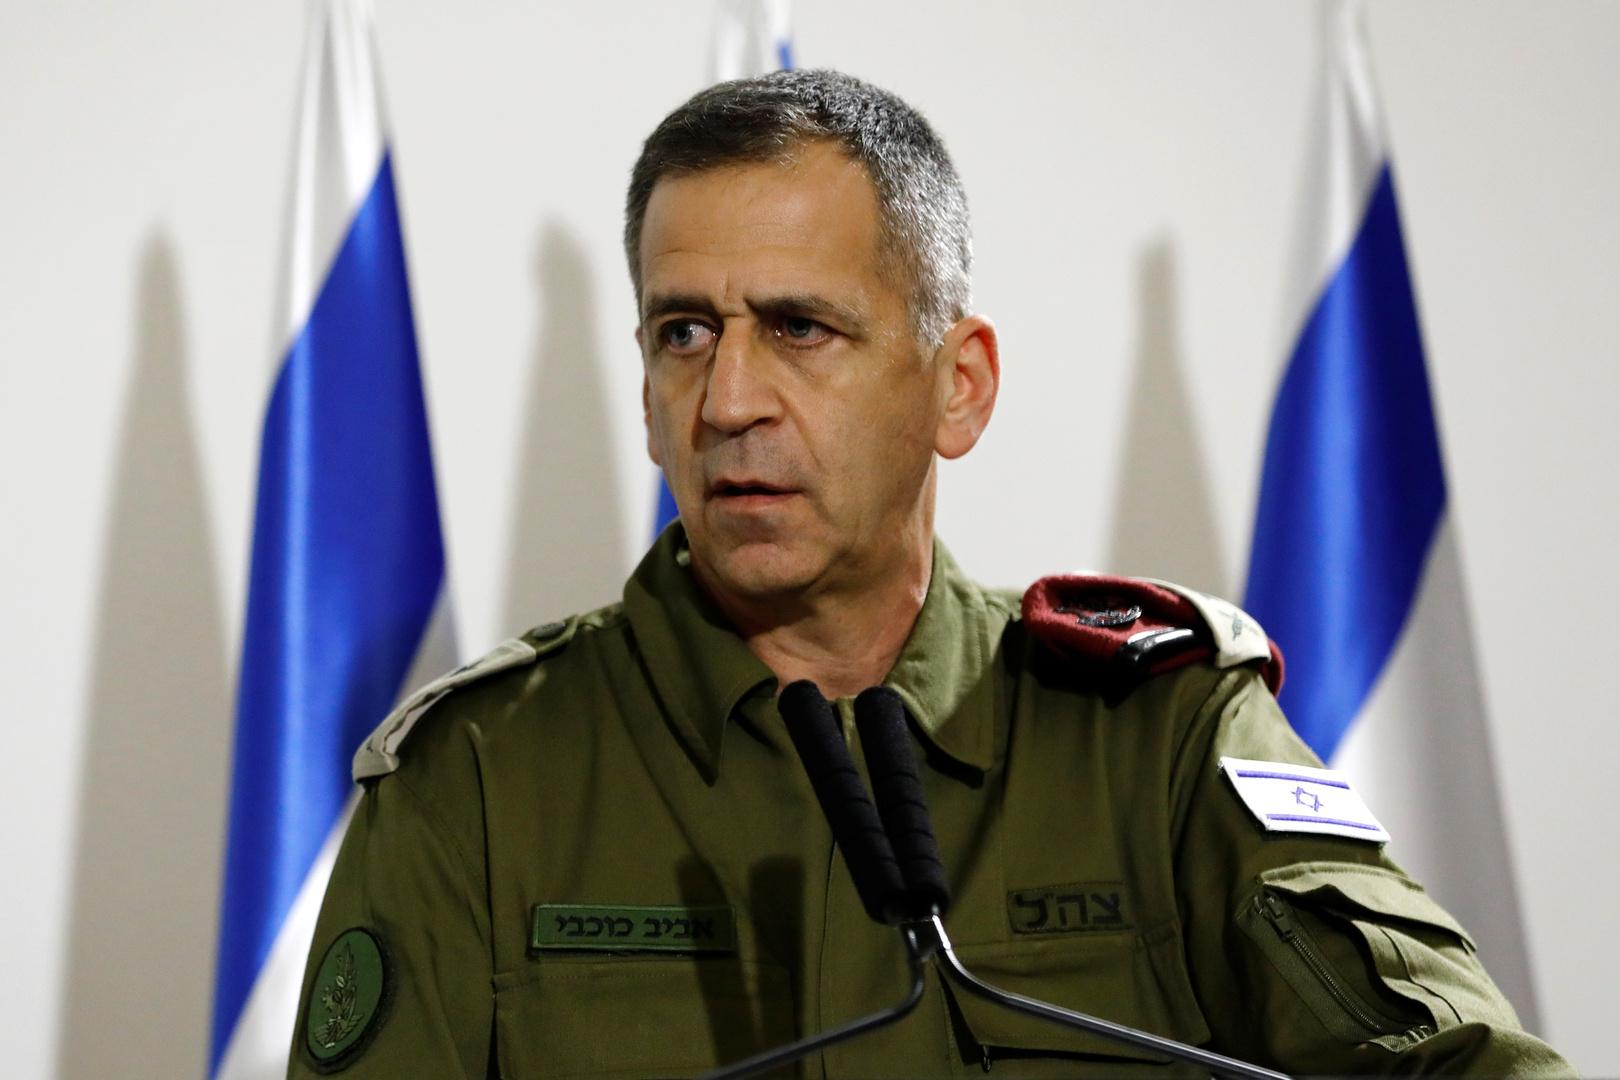 رئيس الأركان الإسرائيلي: لن نسمح بتكرار الاعتداءات الصاروخية من لبنان